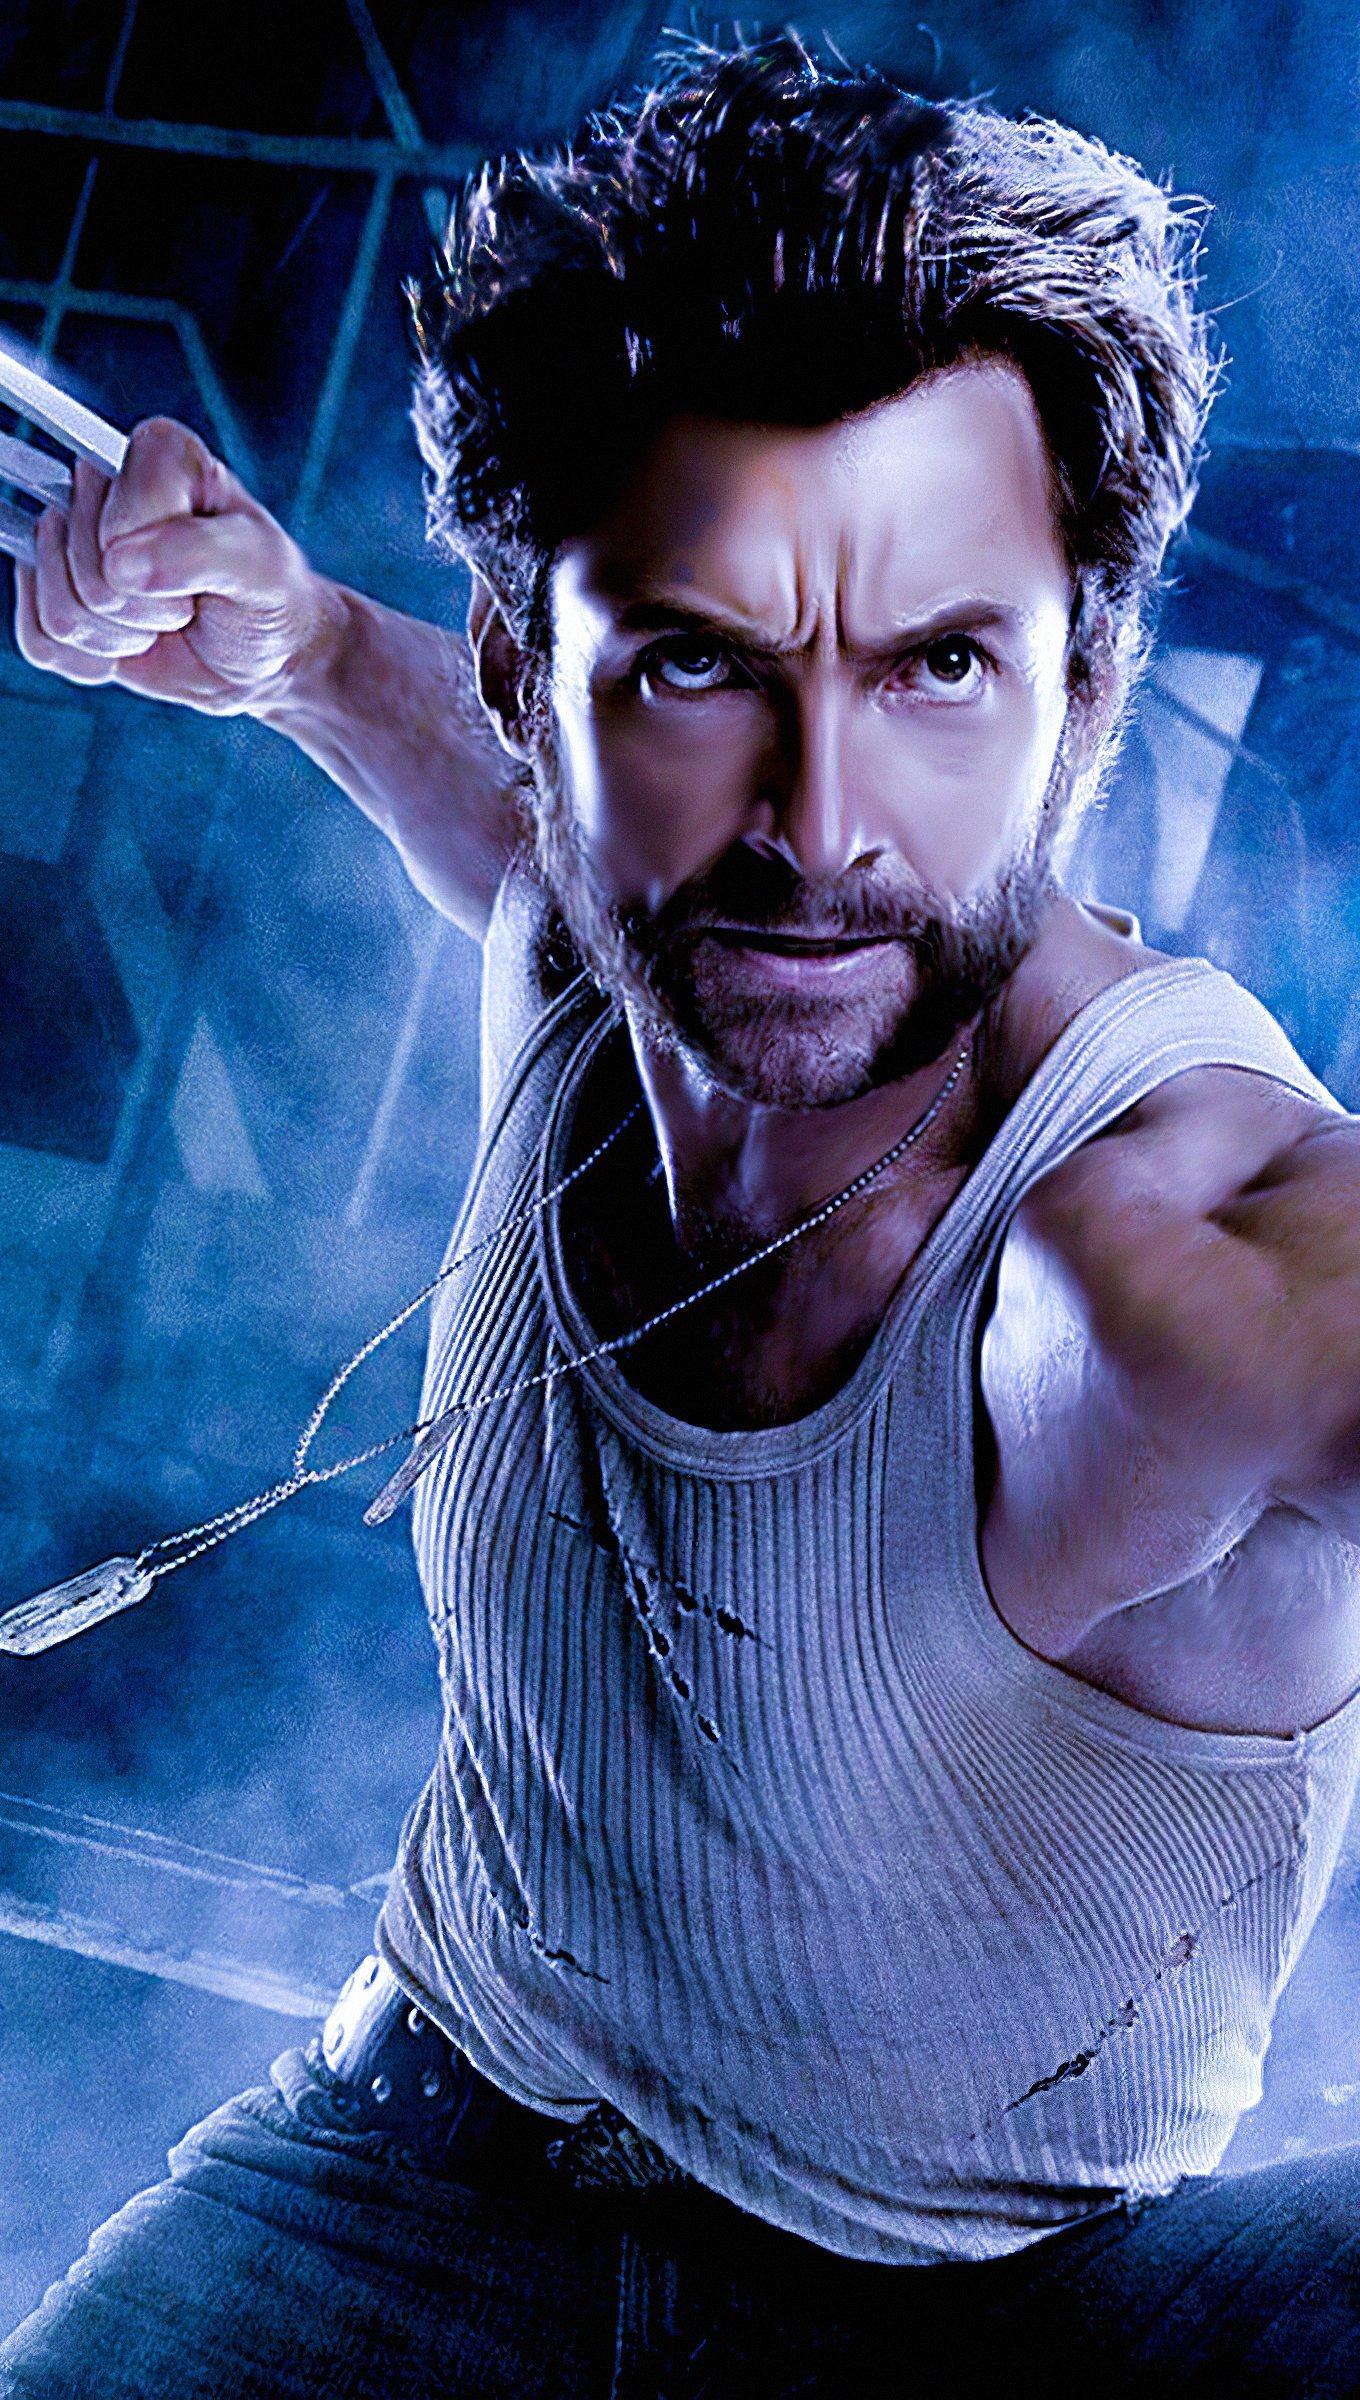 Fondos de pantalla Hugh Jackman como Wolverine arte digital Vertical